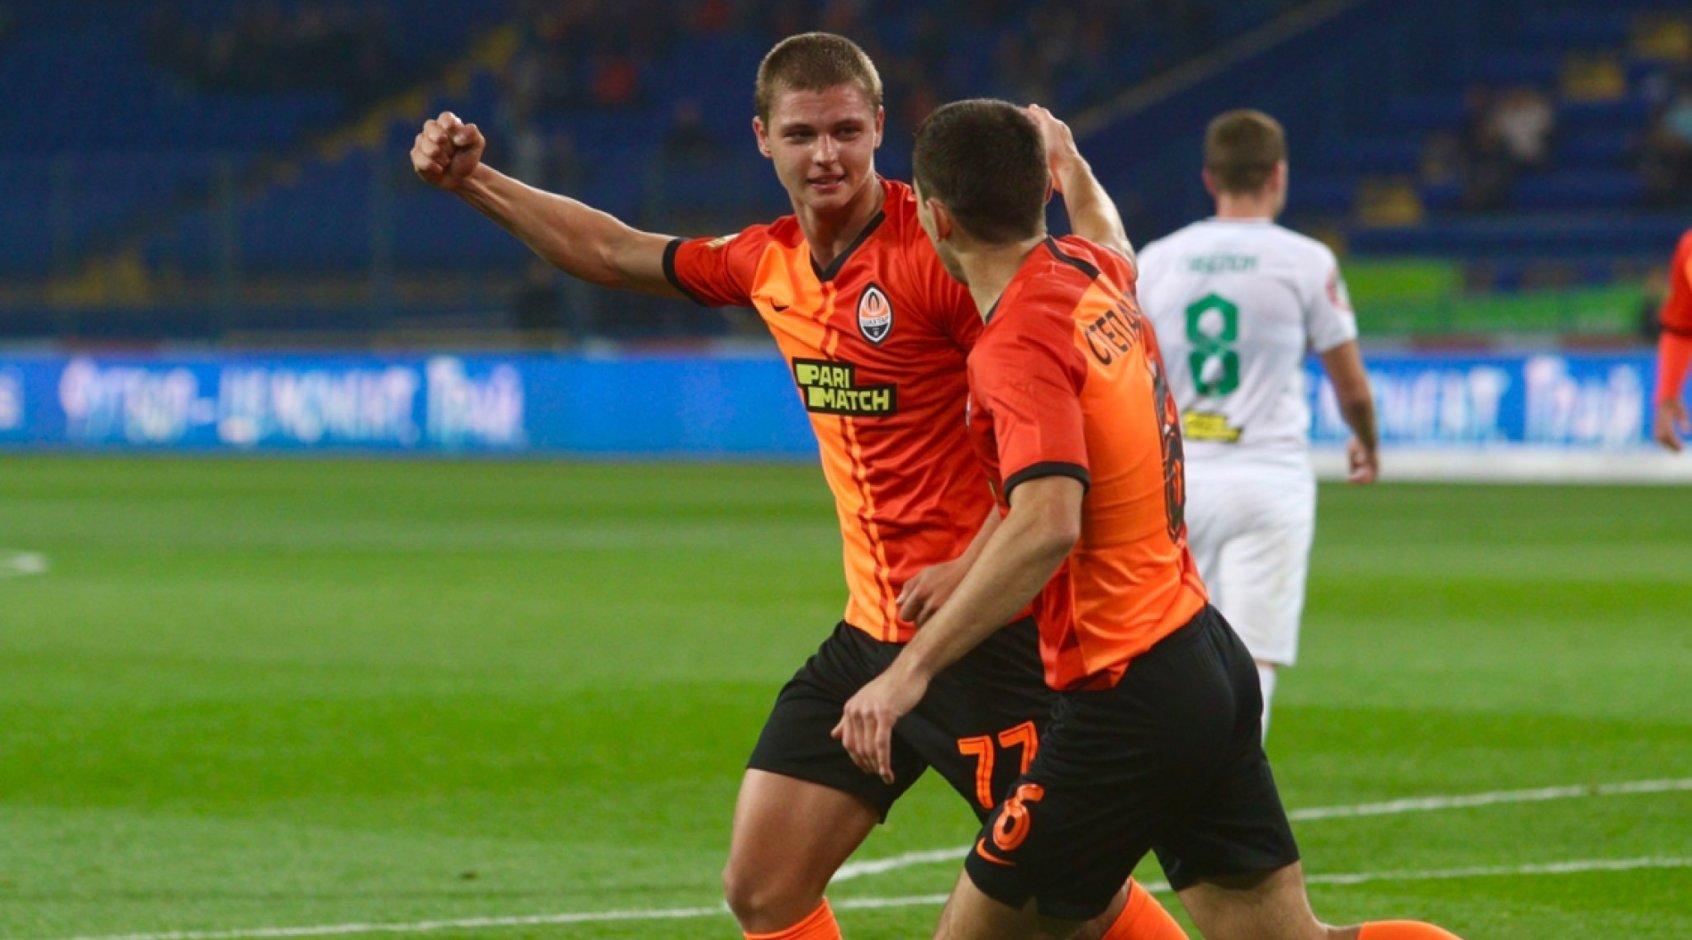 Сборная Украины U-21 - вся правда о команде и будущих звездах УПЛ (Видео)